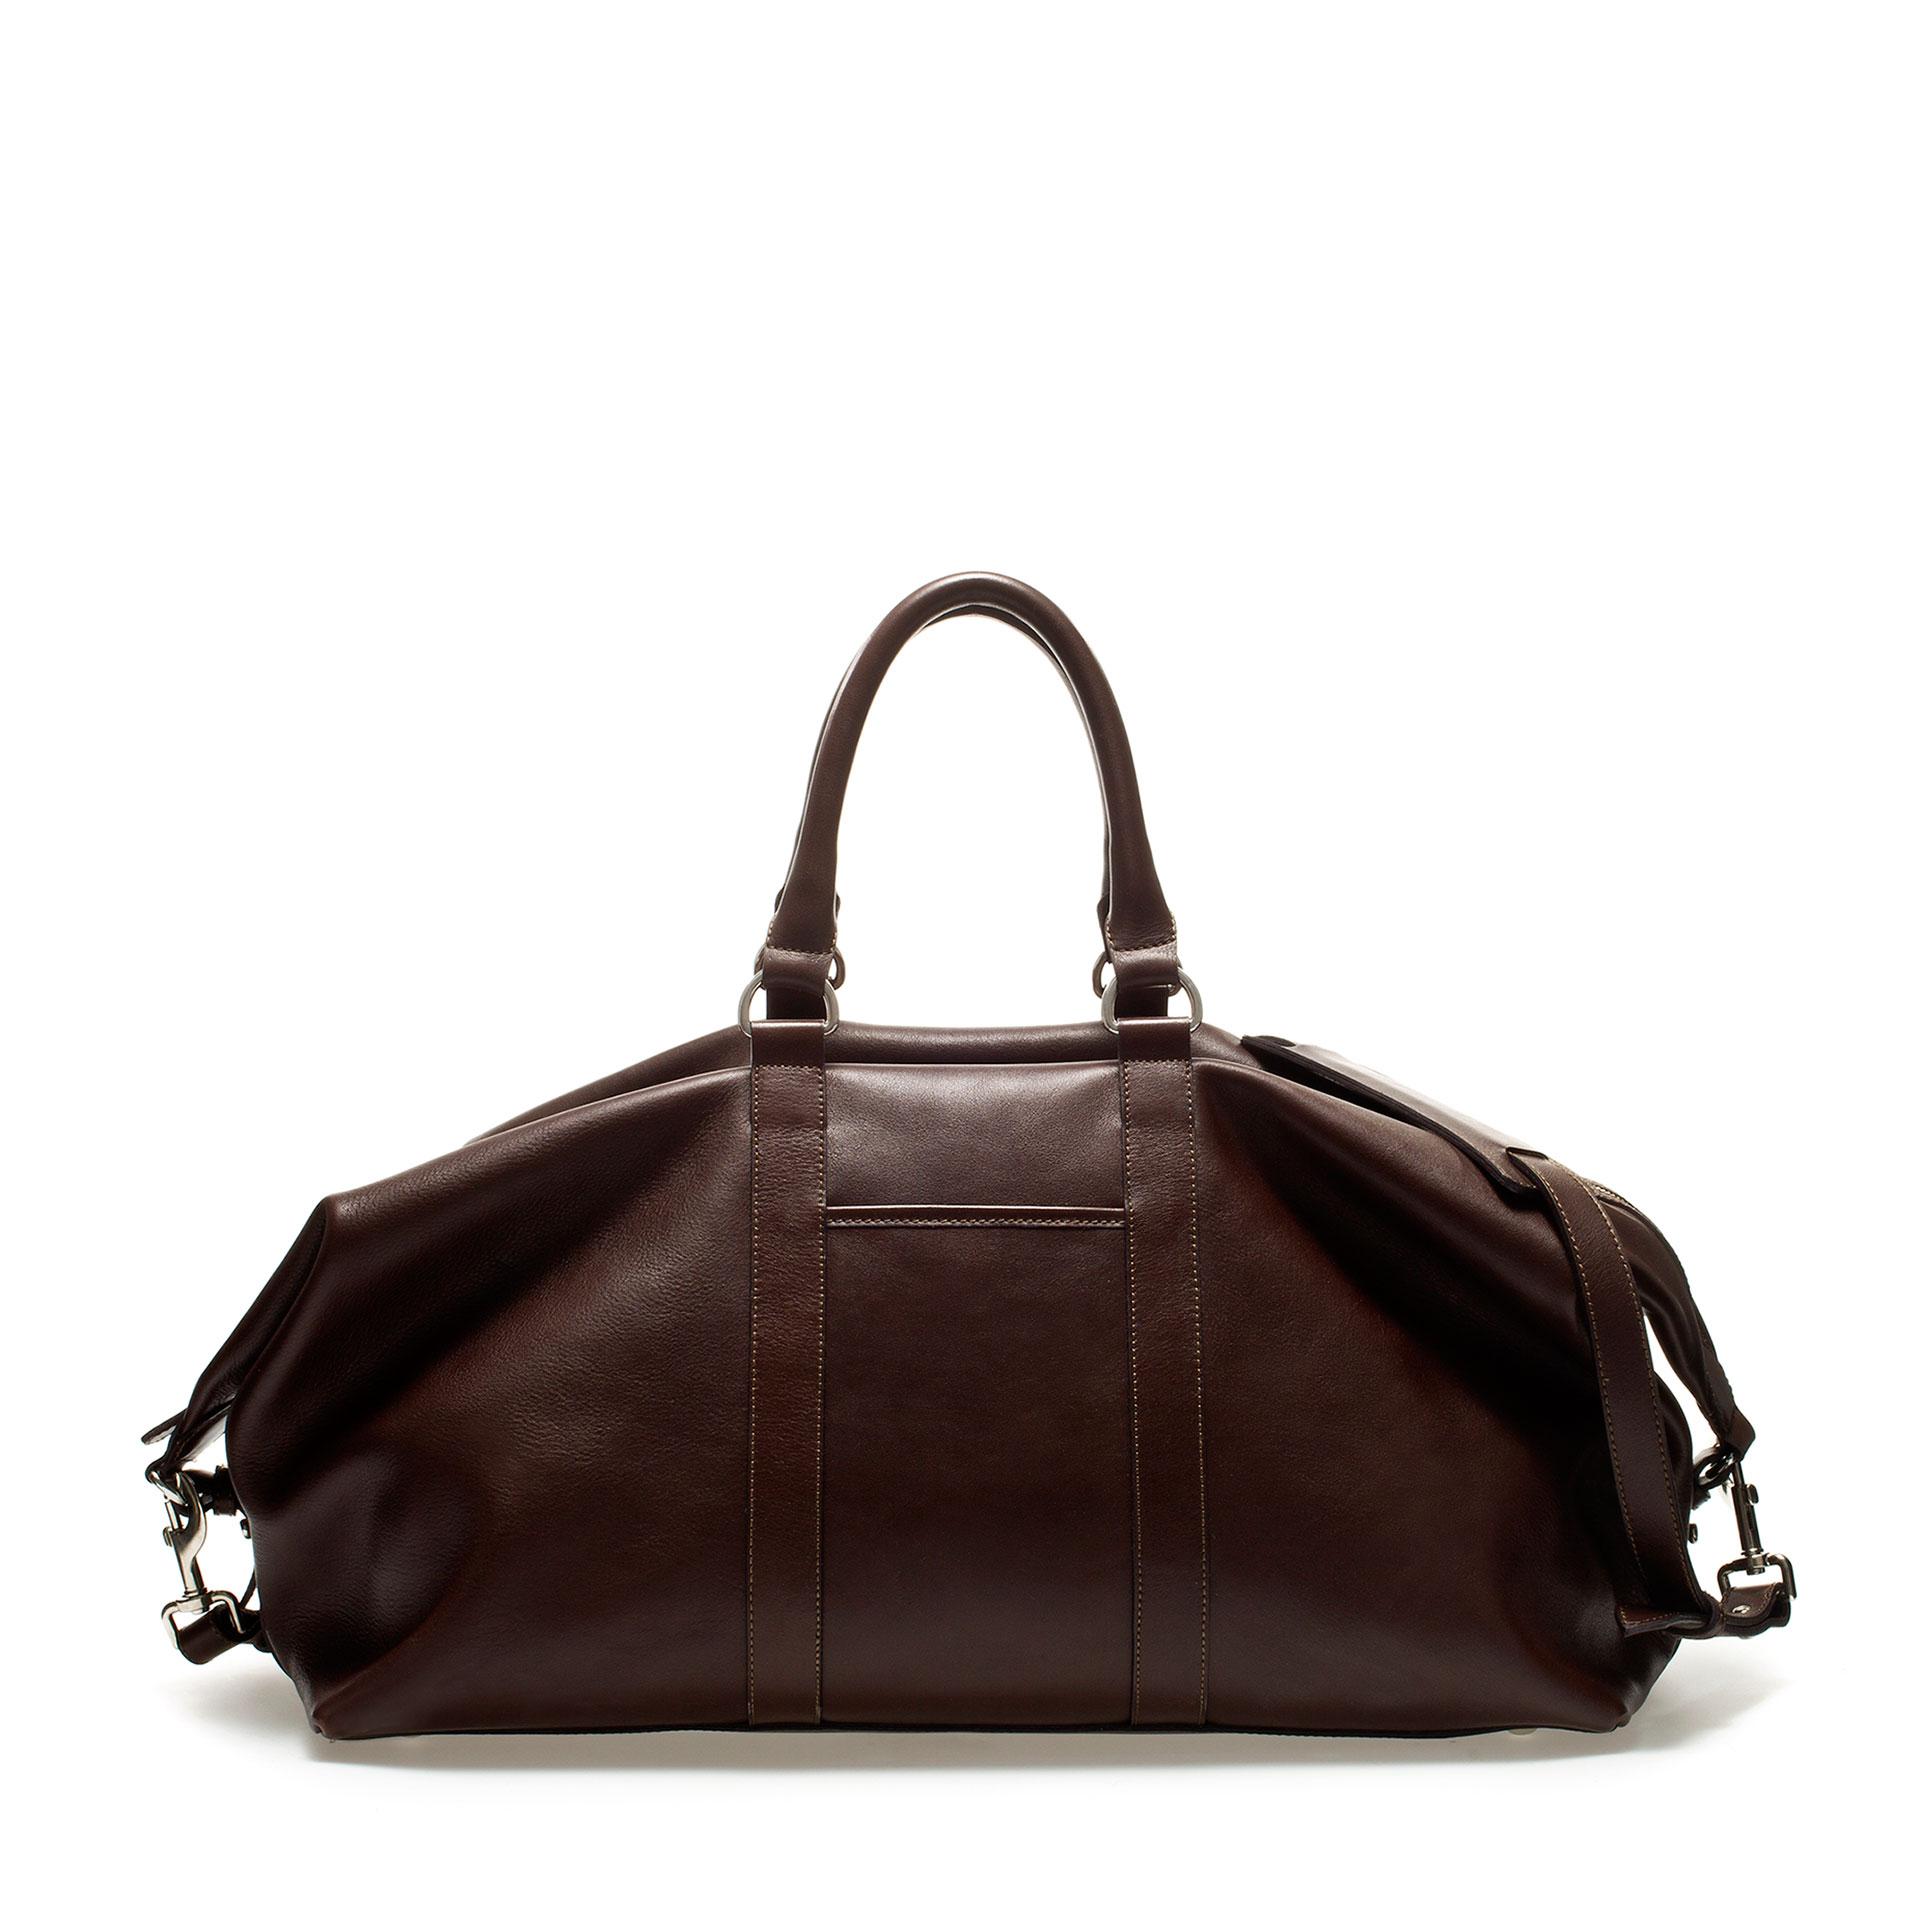 ZARA bags for men 2013